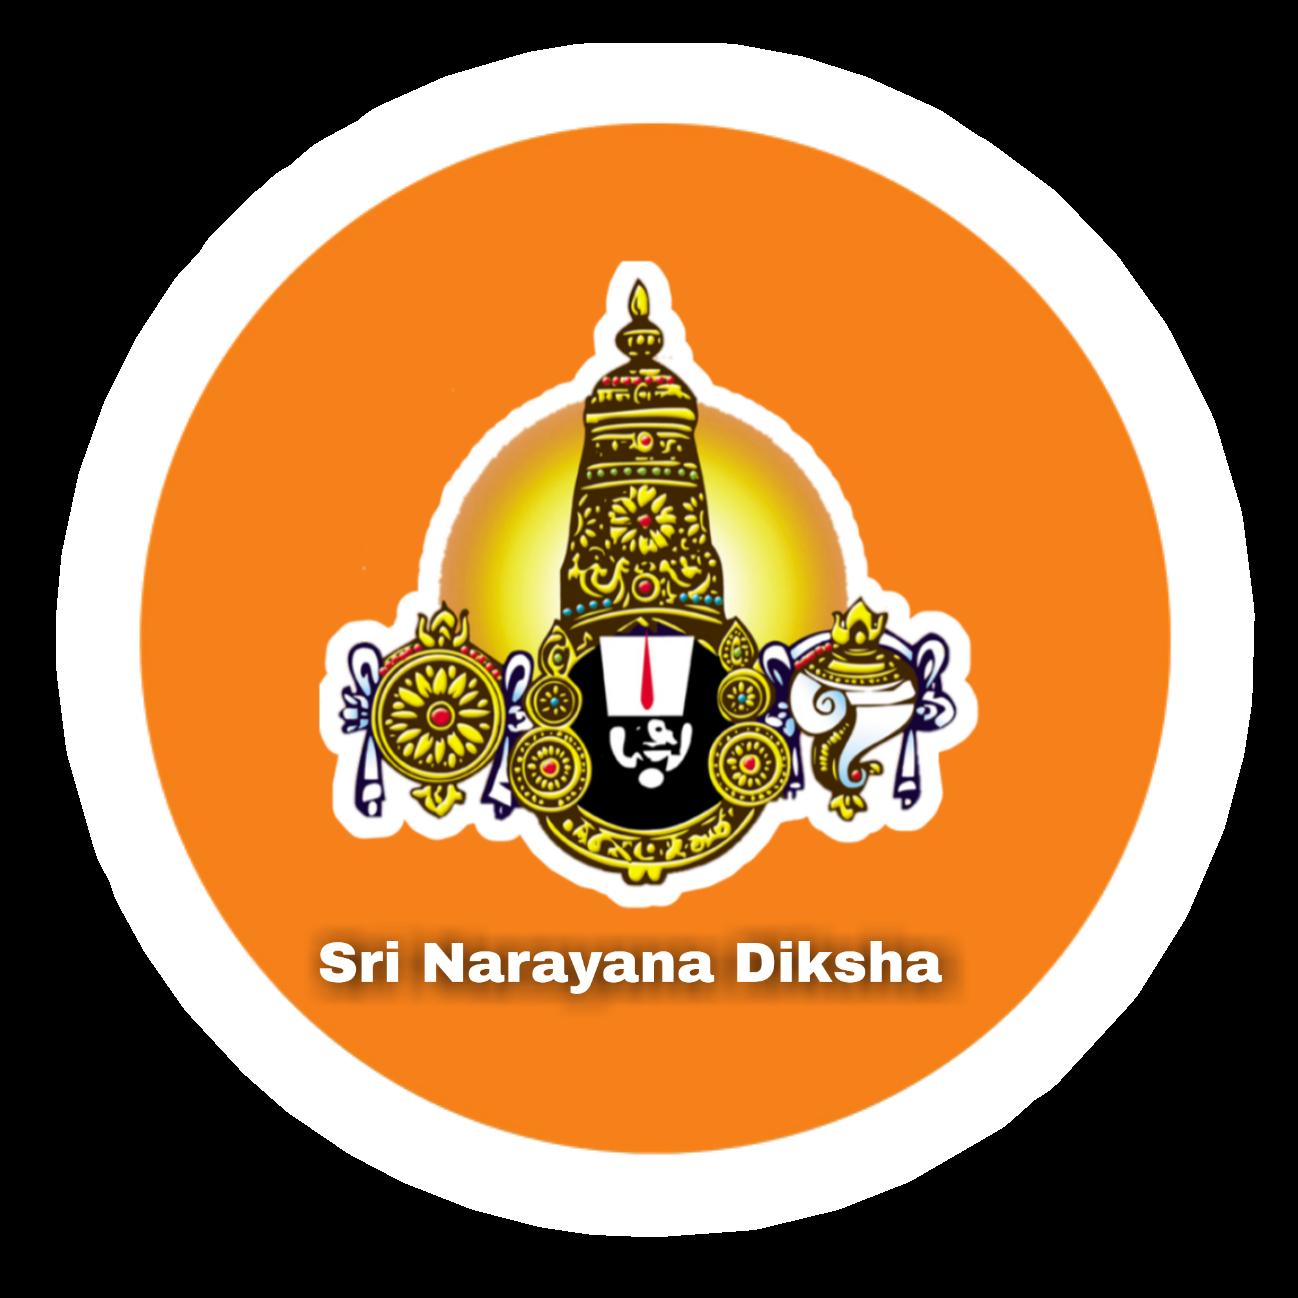 srinarayanadiksha